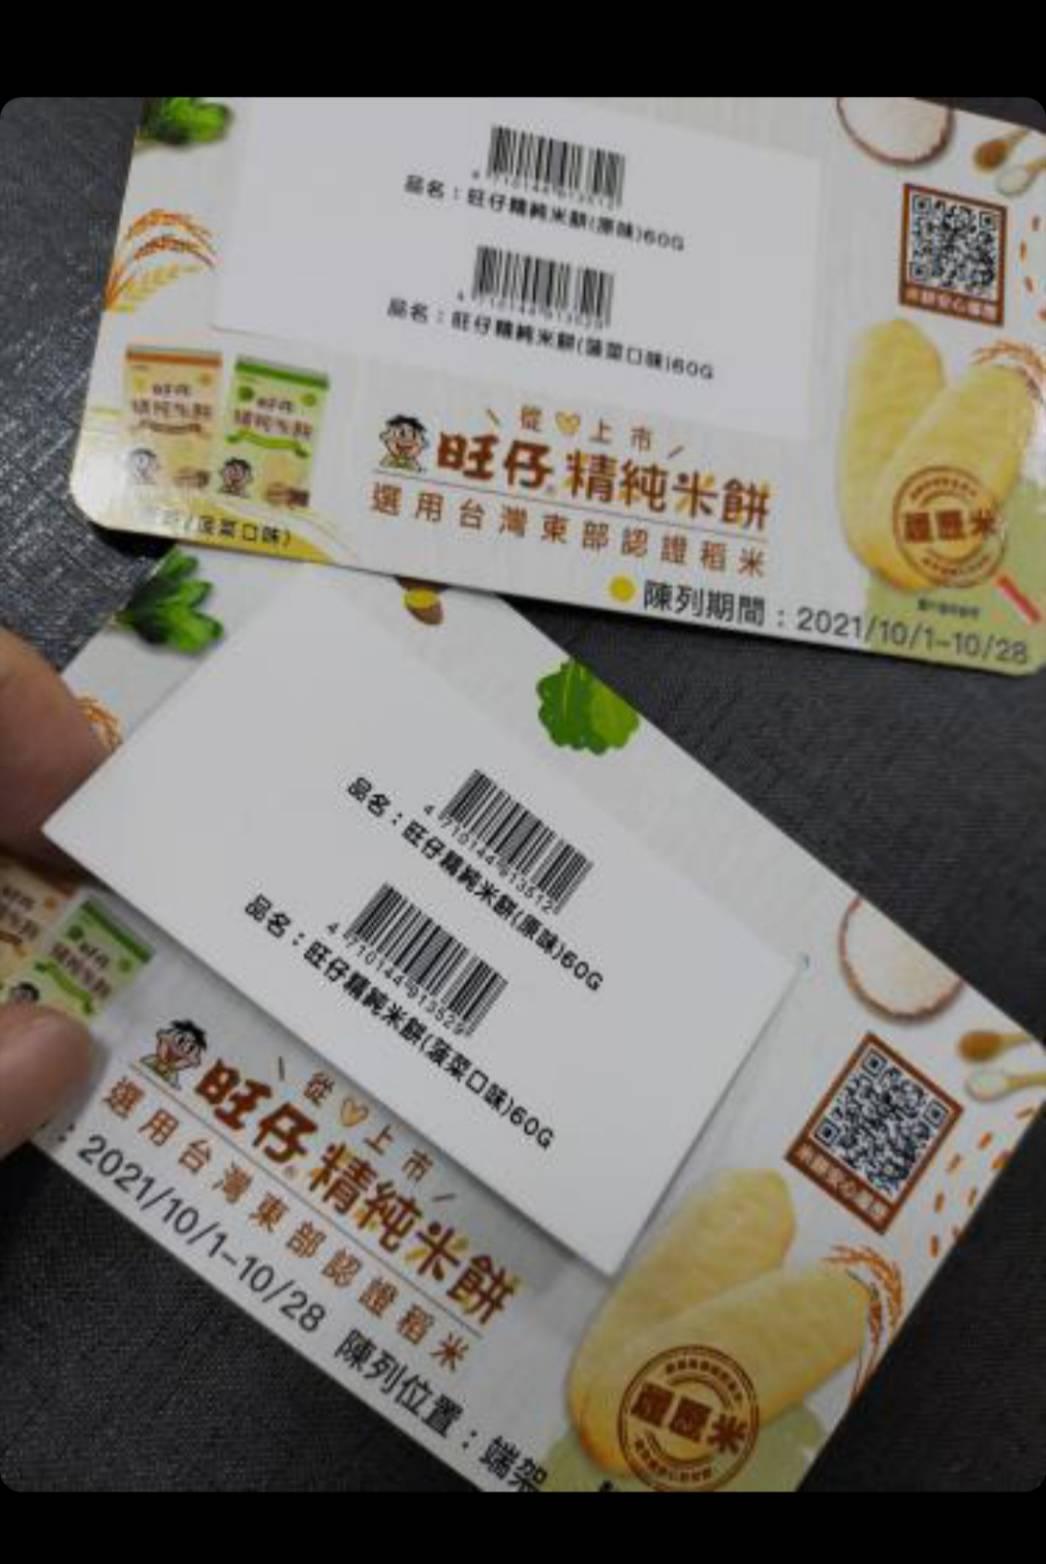 連接至【澤鋒印刷企業有限公司-蔡昆樺】專屬網站